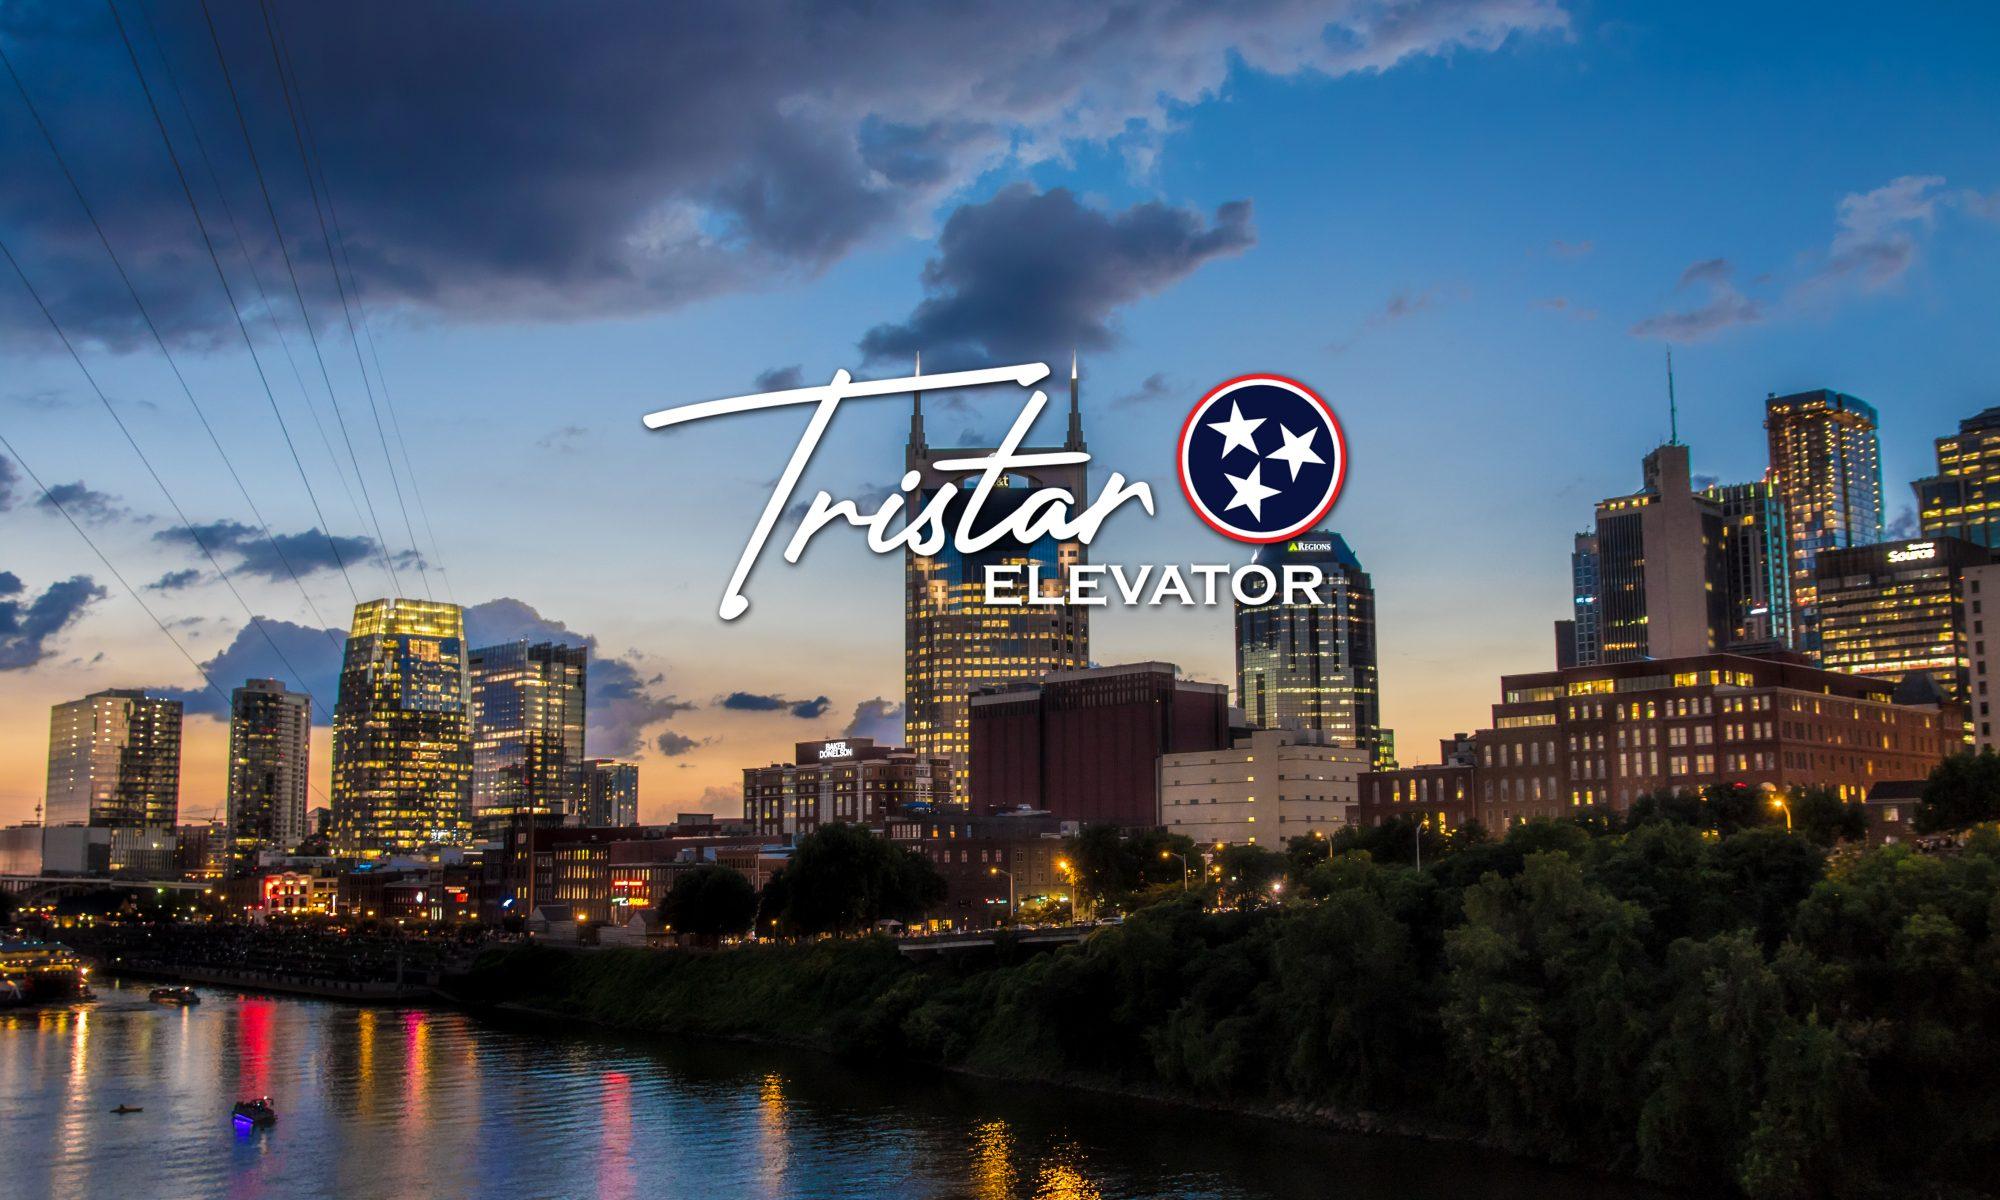 Tristar Elevator